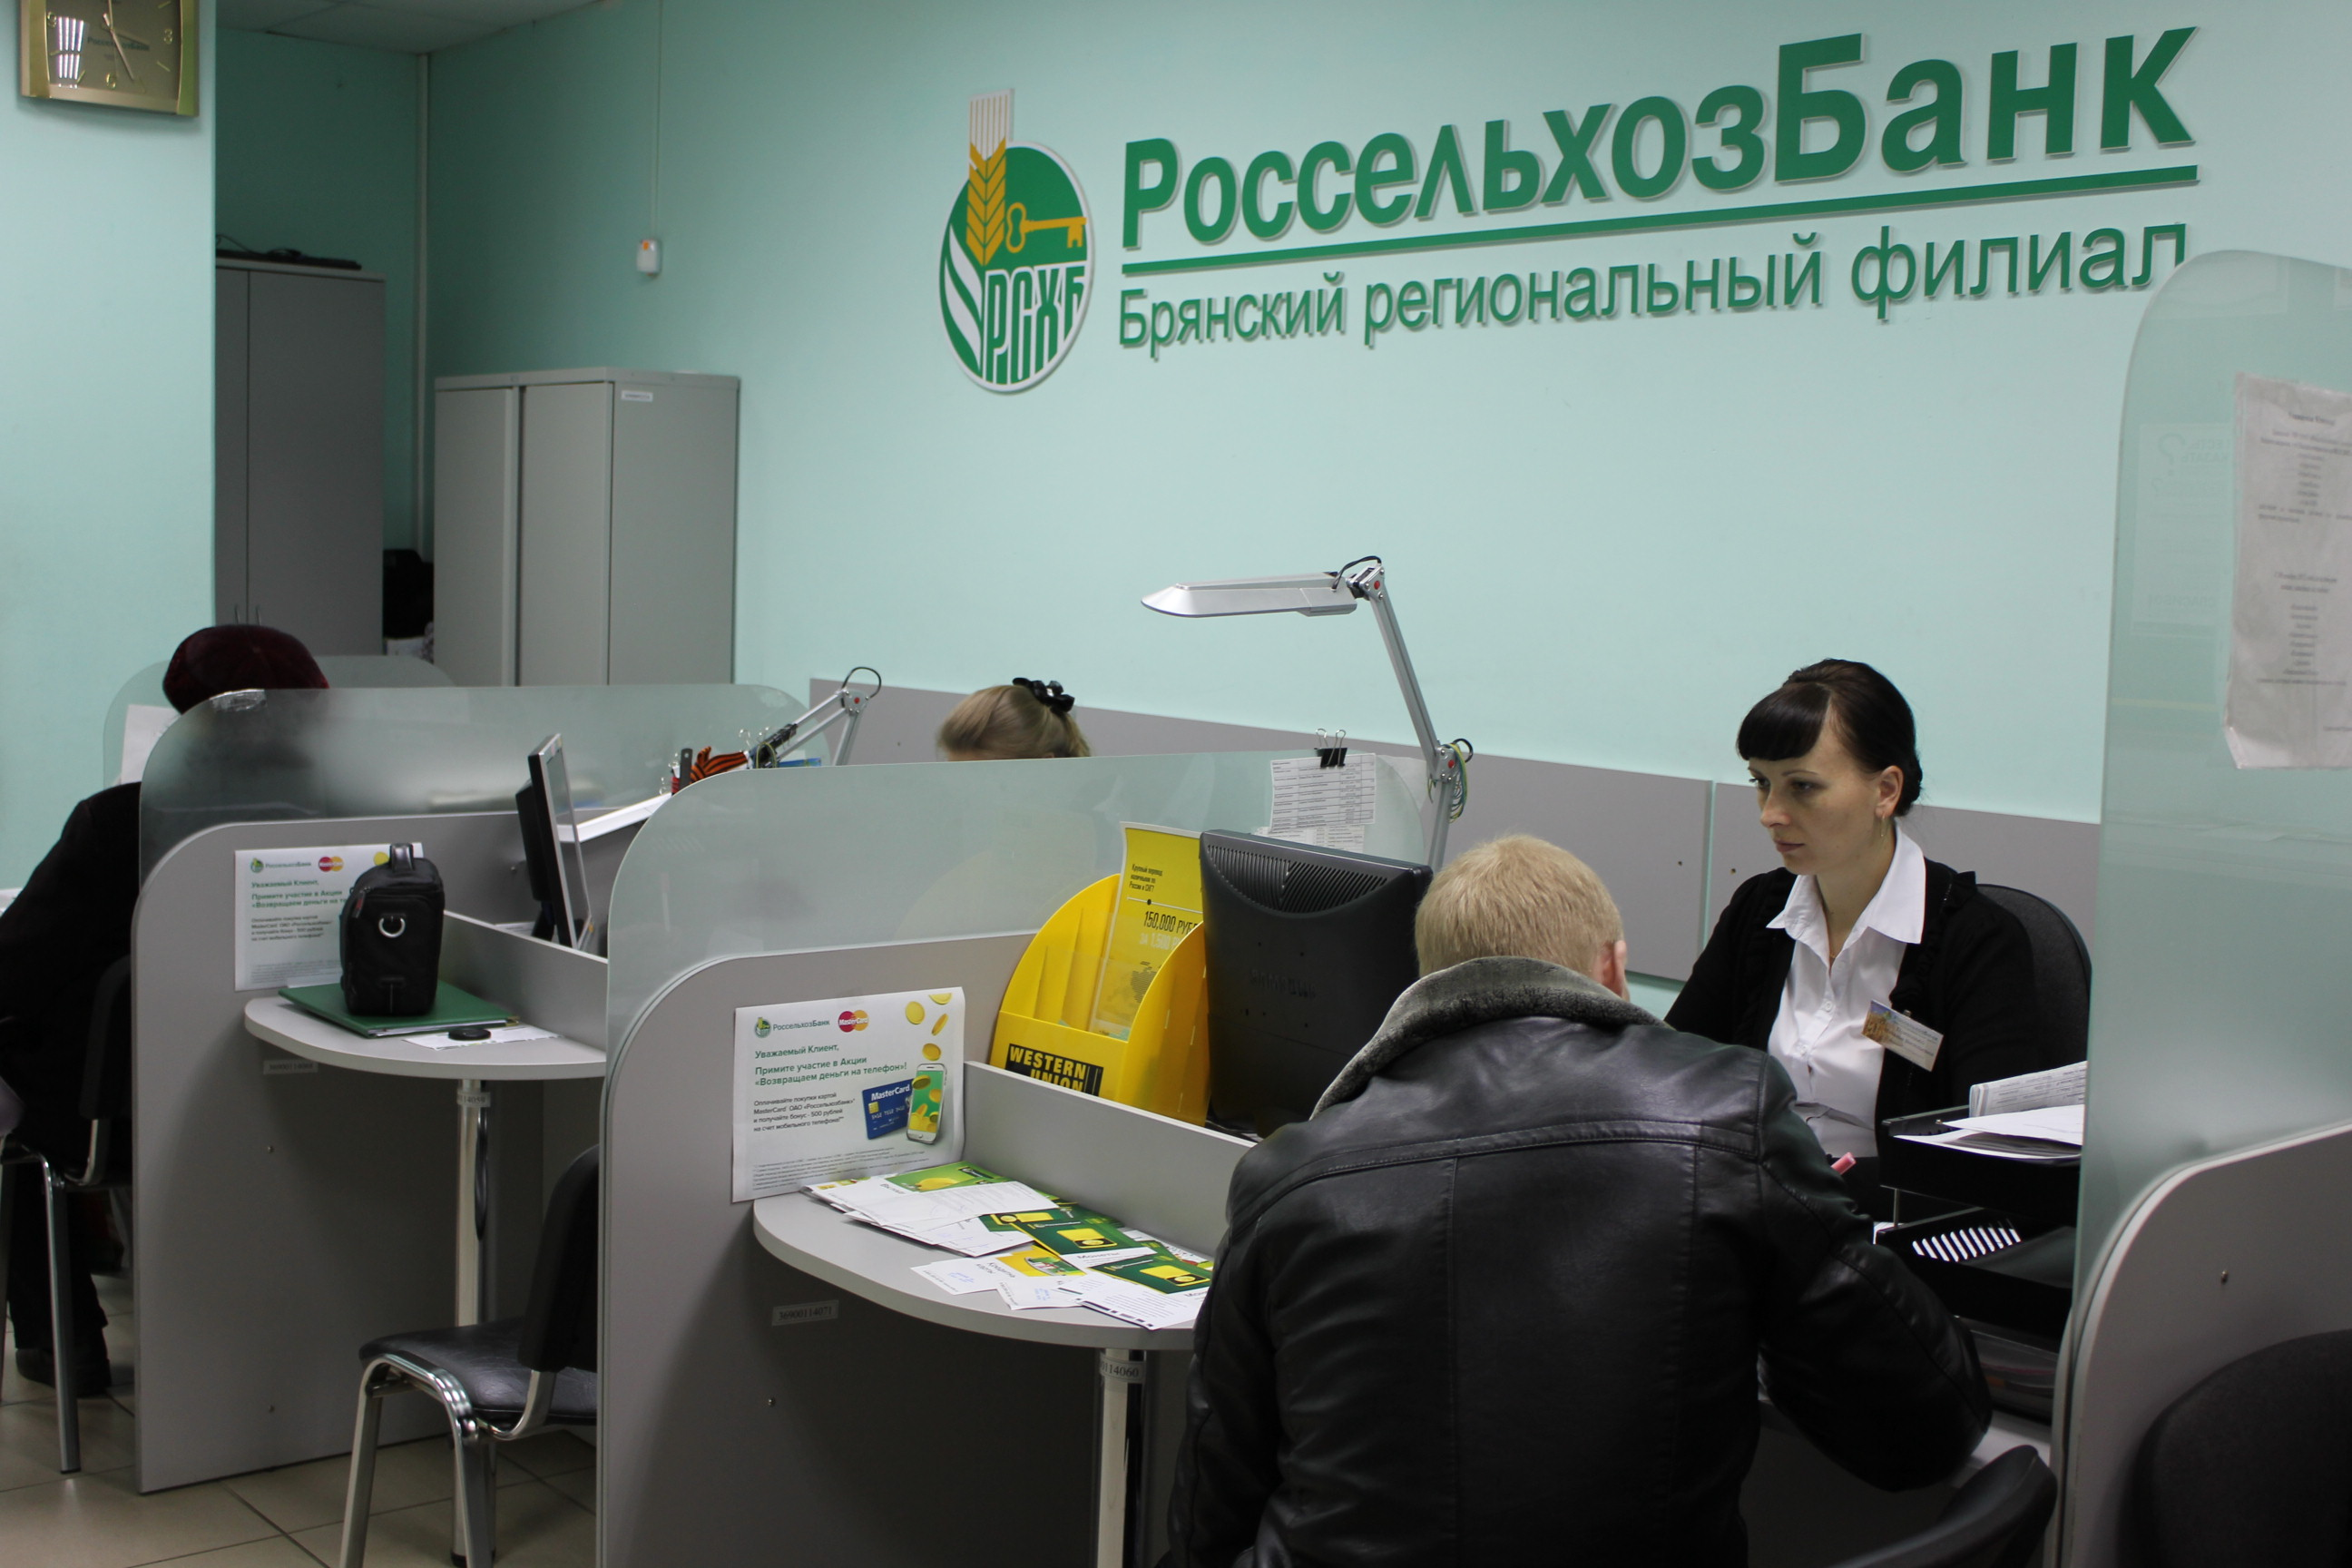 Налоги пенсионерам башкортостана